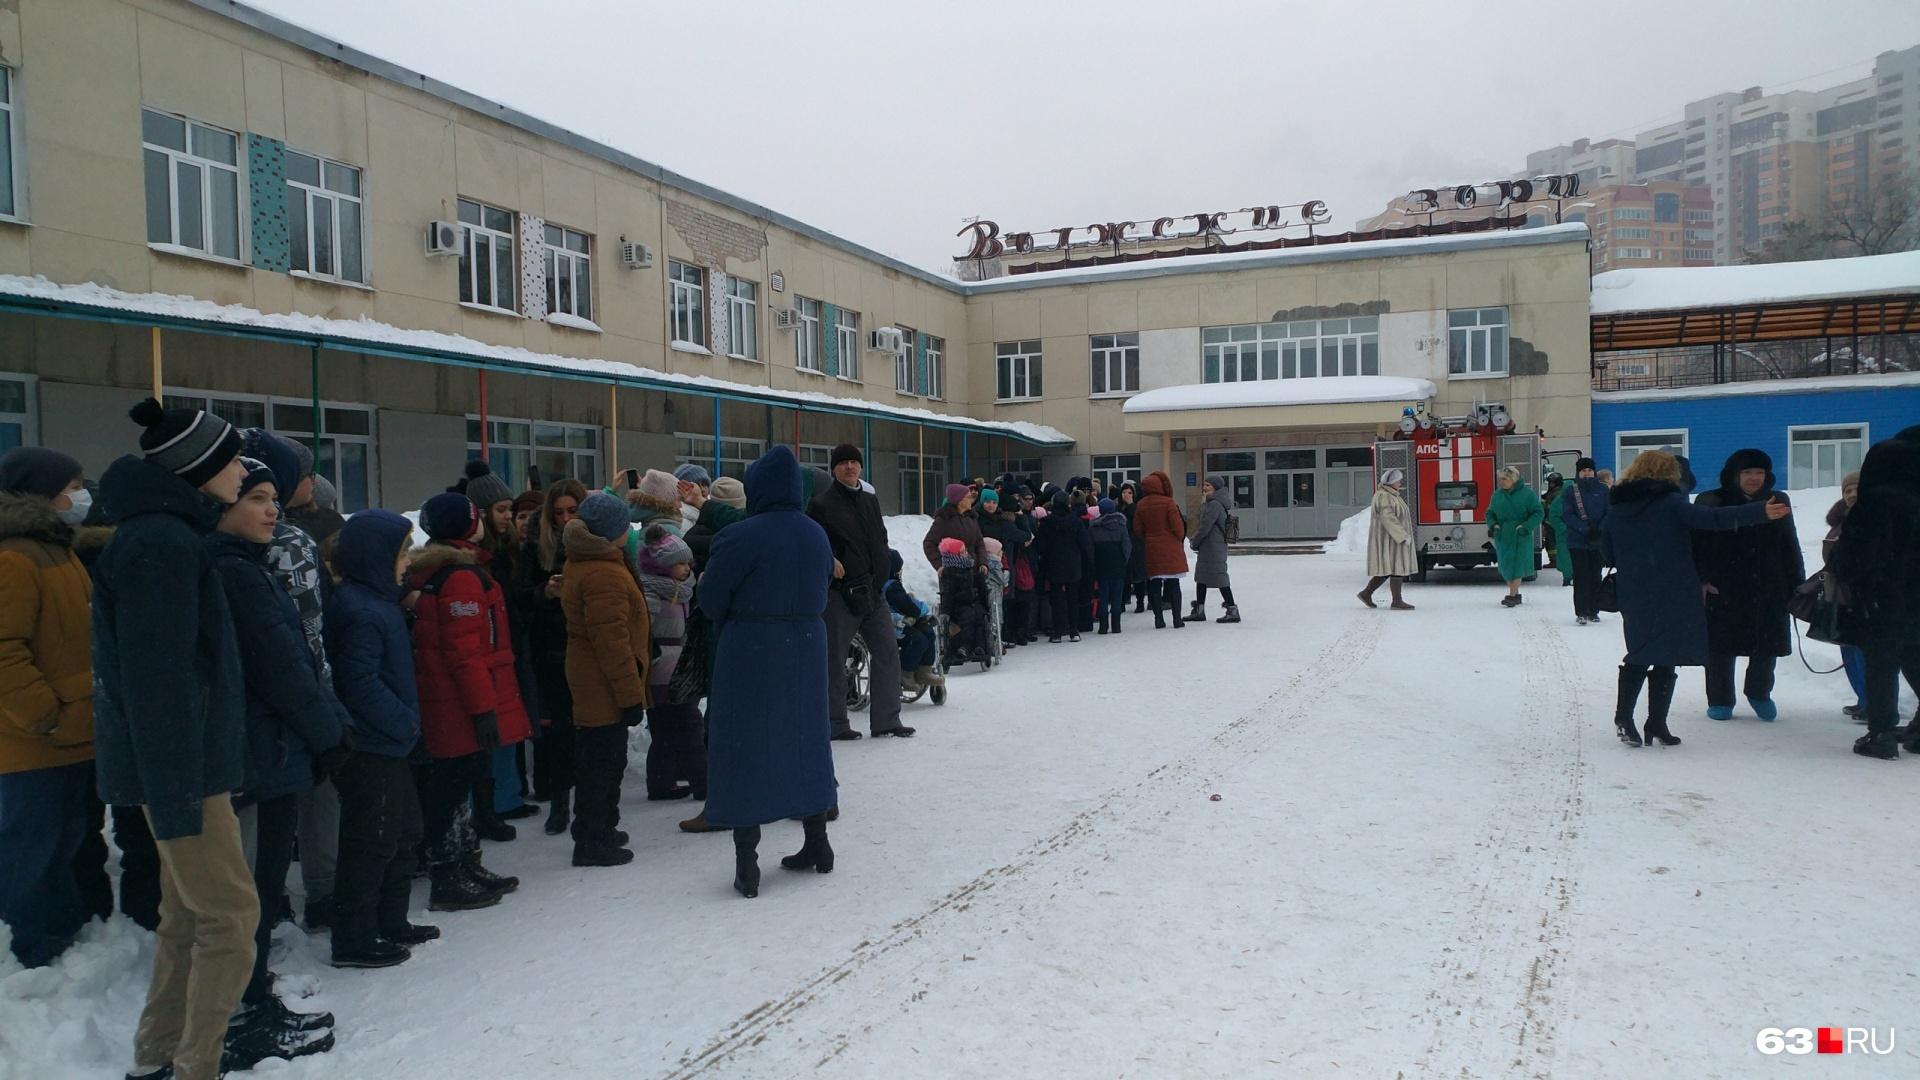 В Самаре десятки юных пациентов с родителями ждут, пока МЧС обследуют детскую больницу